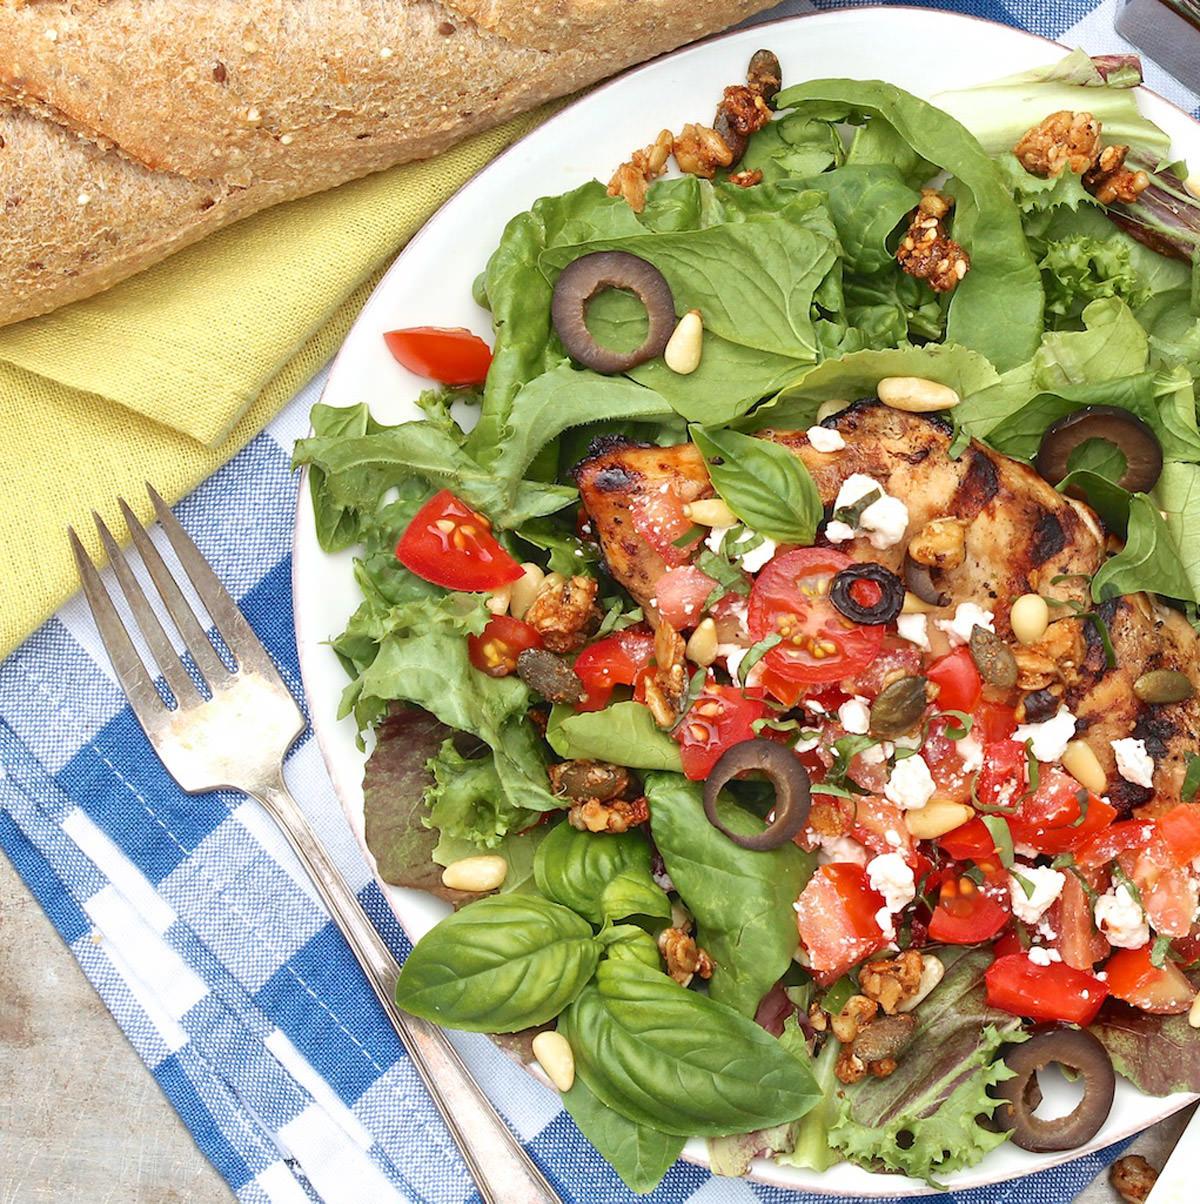 Greek-Style-Grilled-Chicken-Dinner-Salad